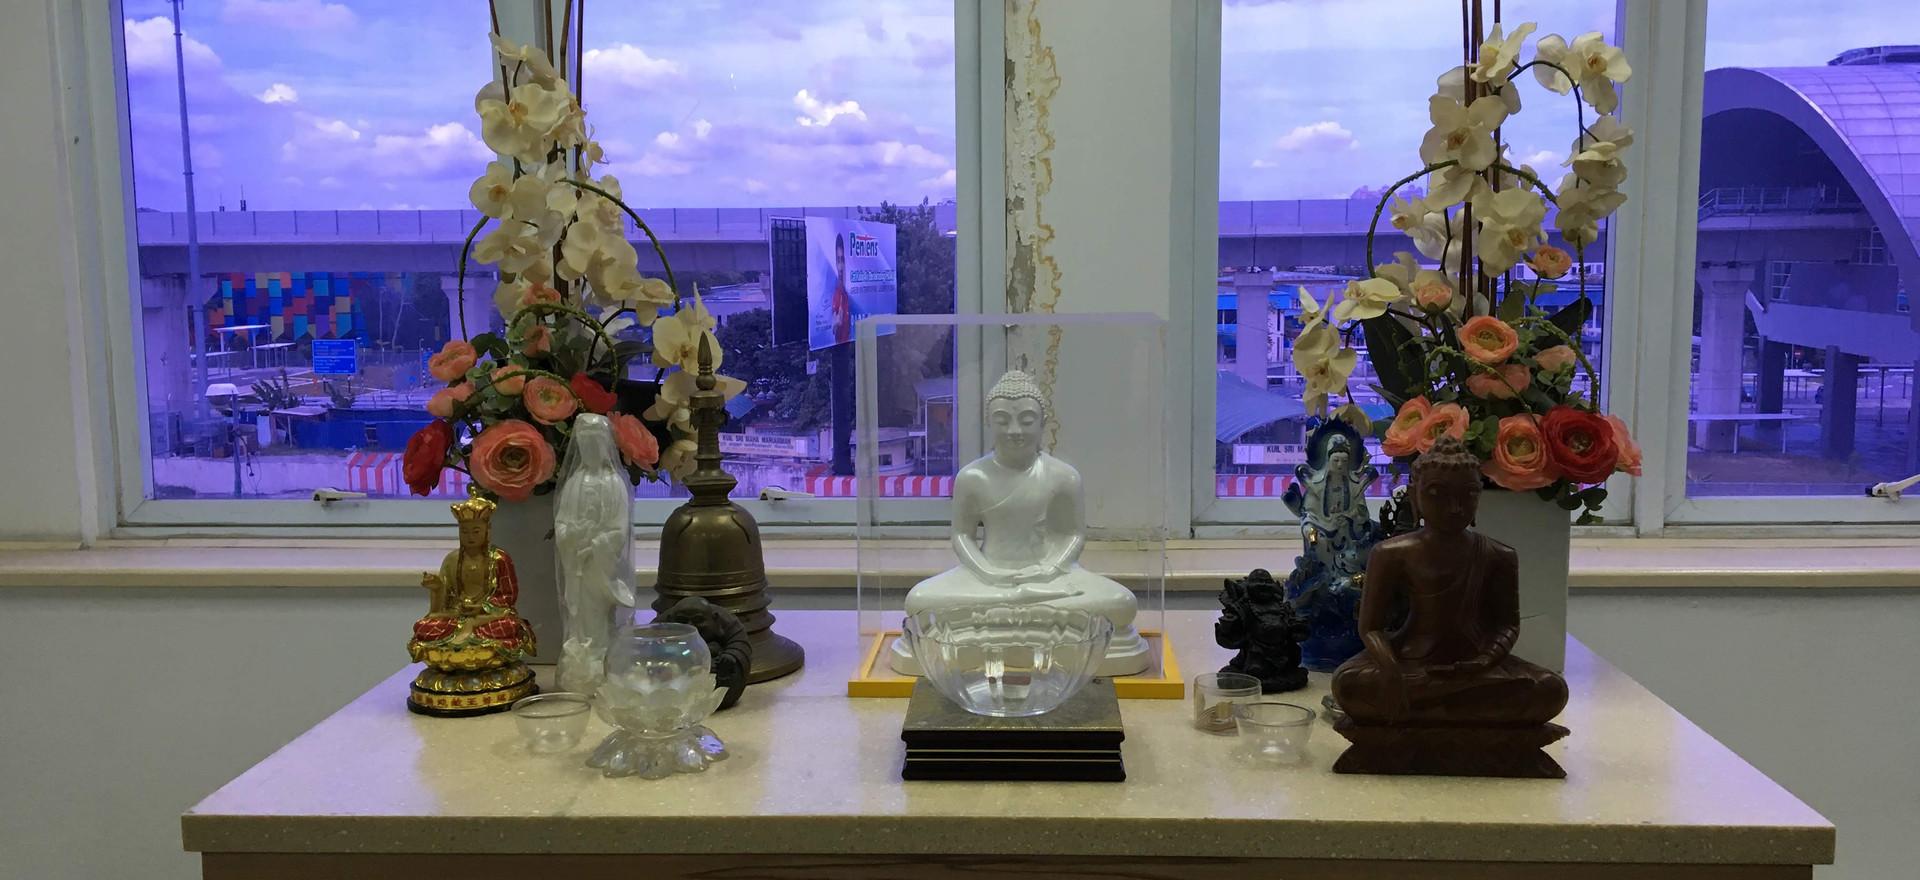 Hall of Buddhas 1